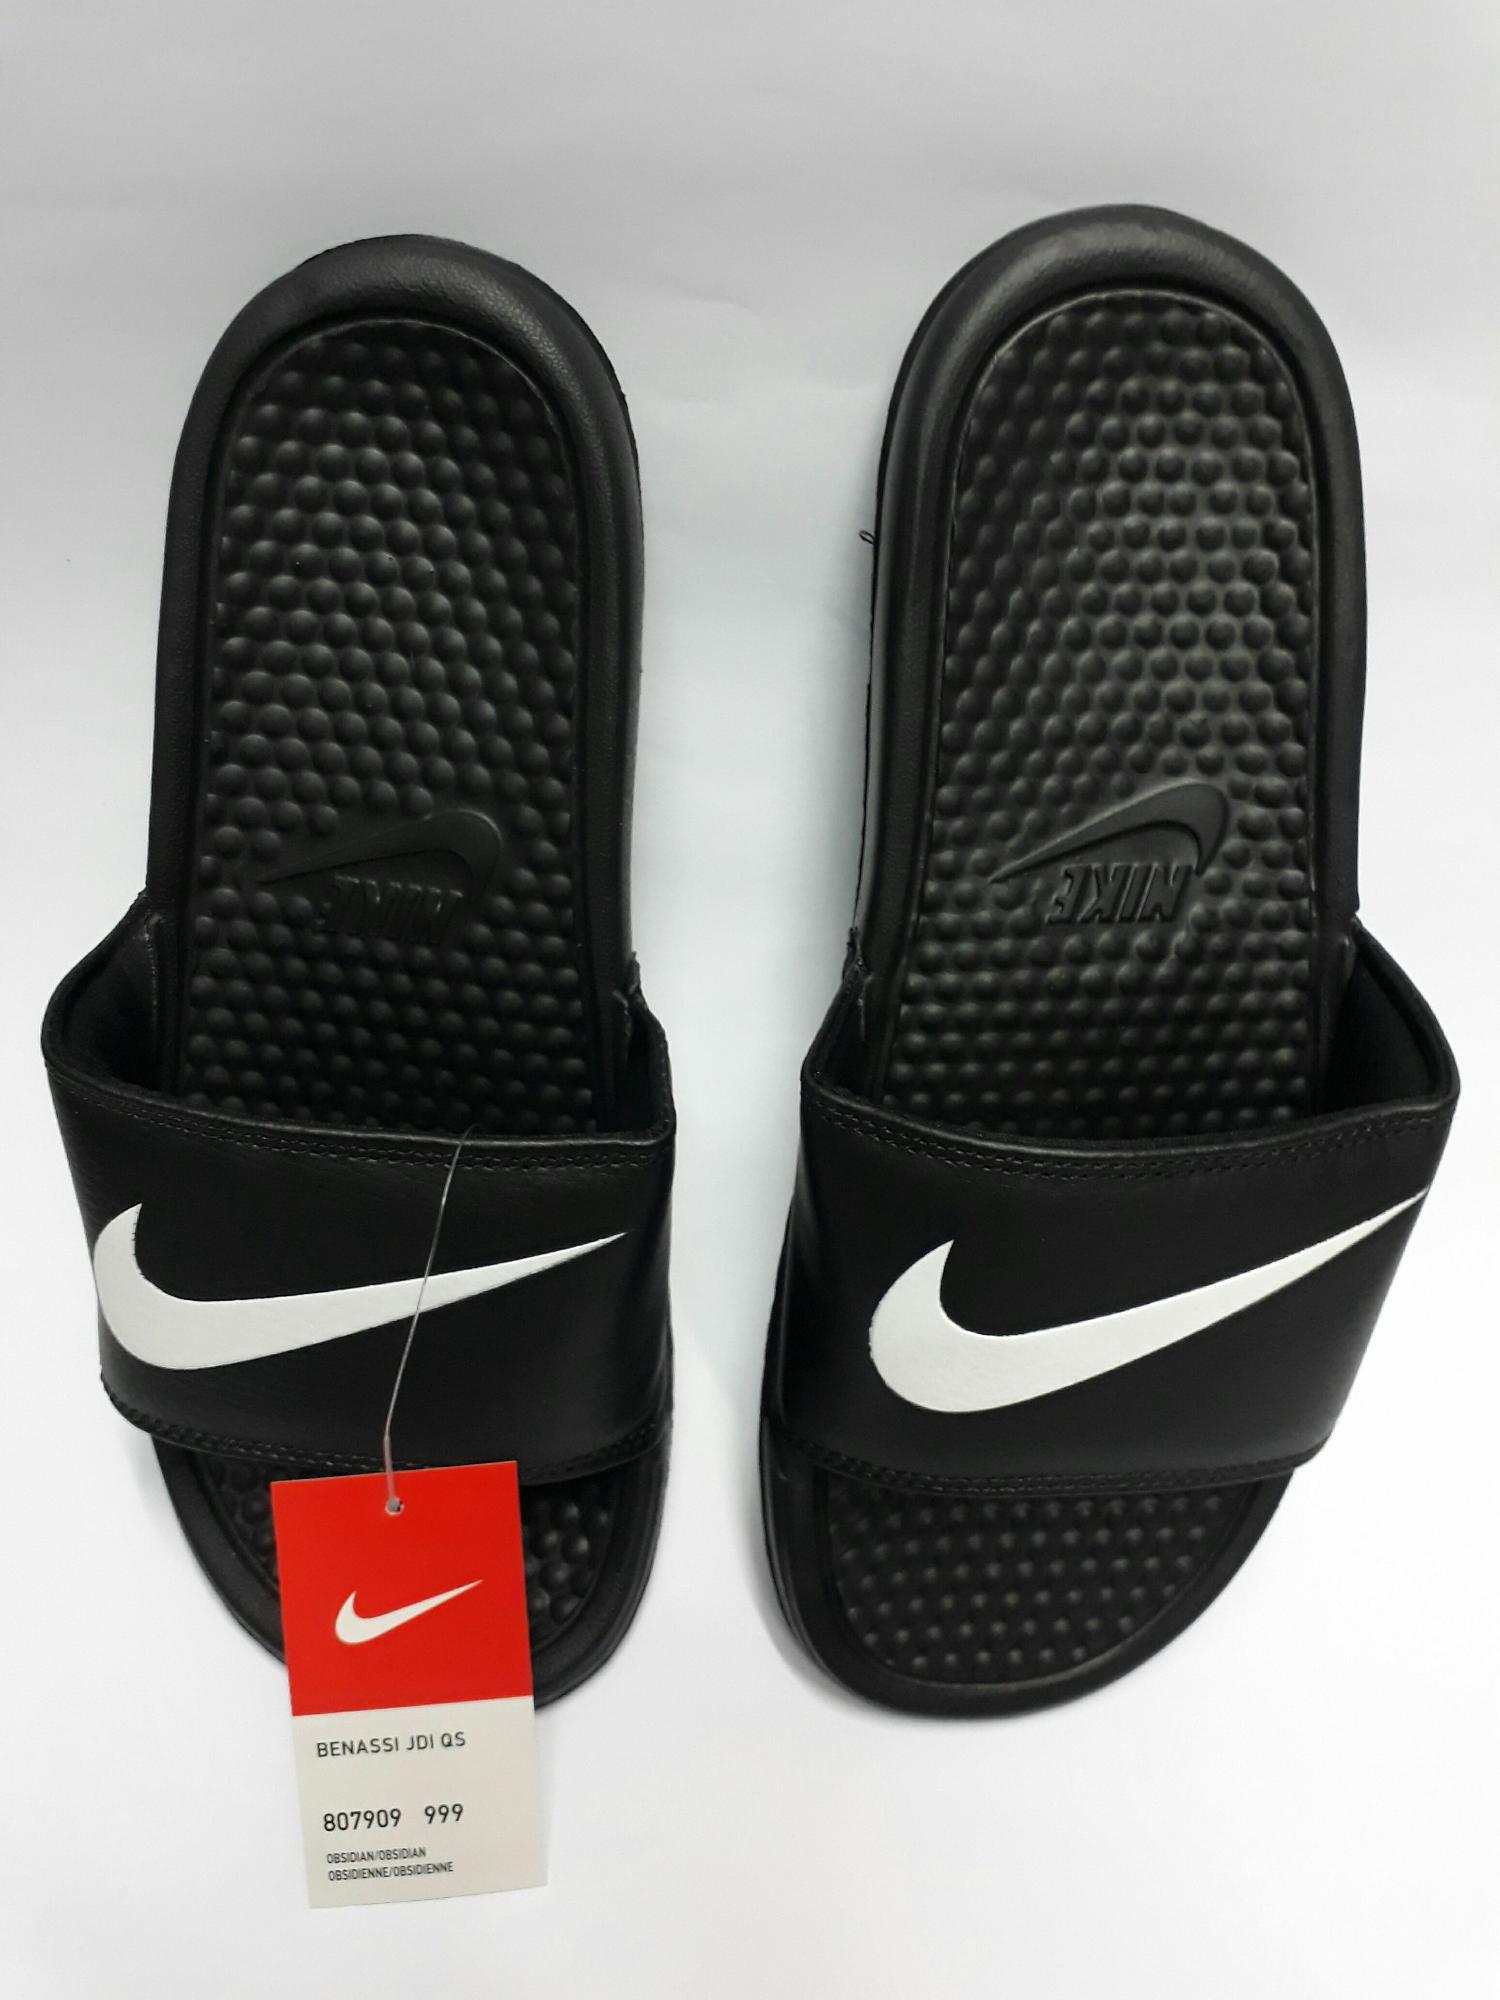 b1b5412ecff Sandals for Men for sale - Mens Sandals online brands